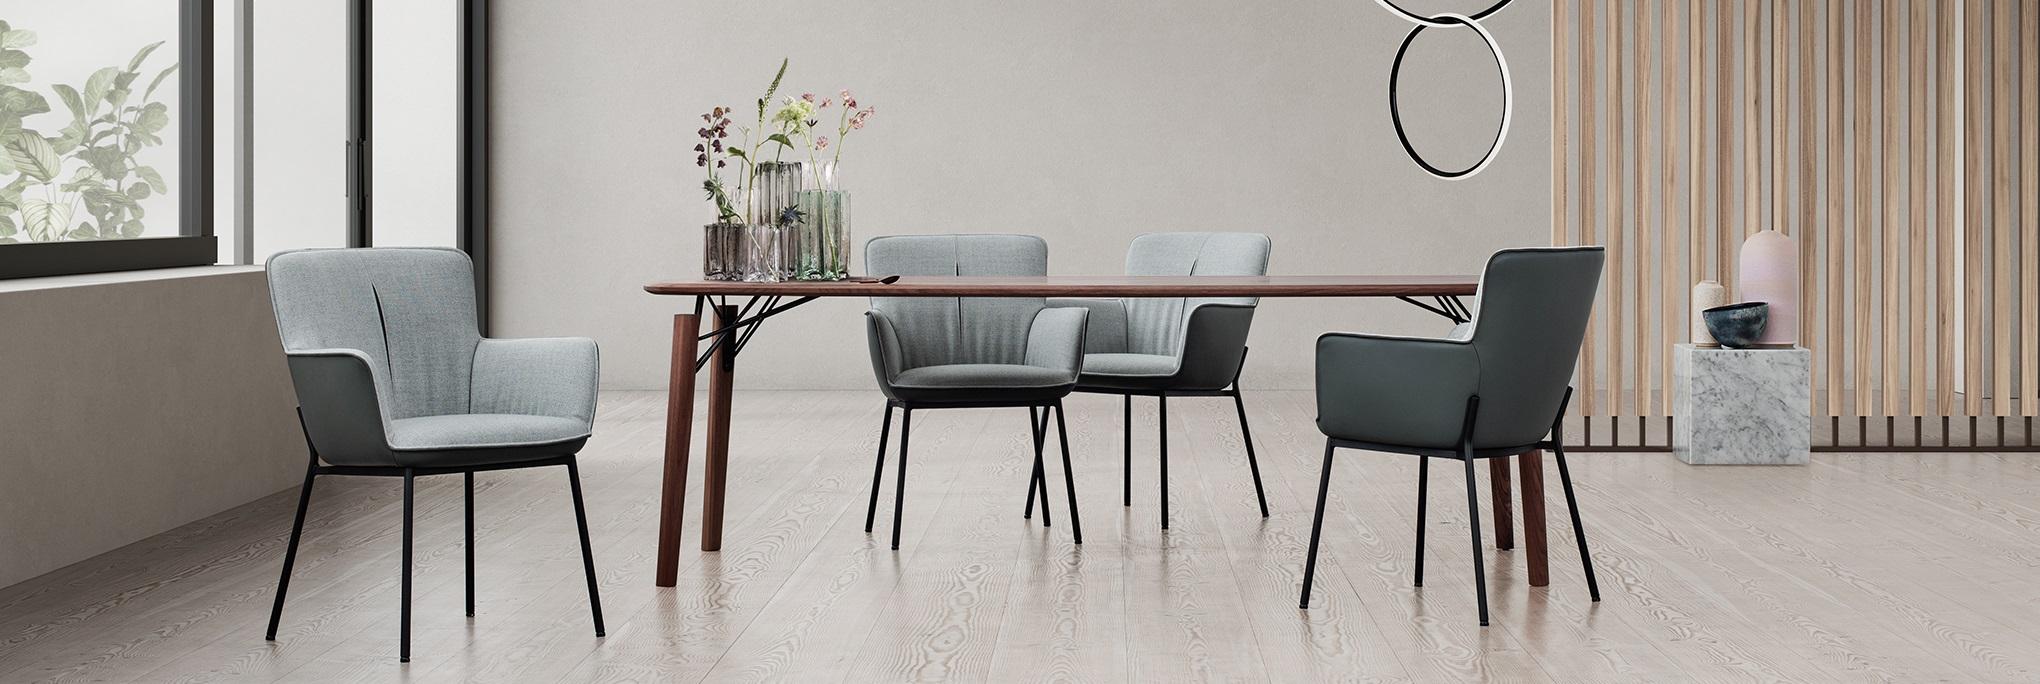 Rolf Benz Stühle 655